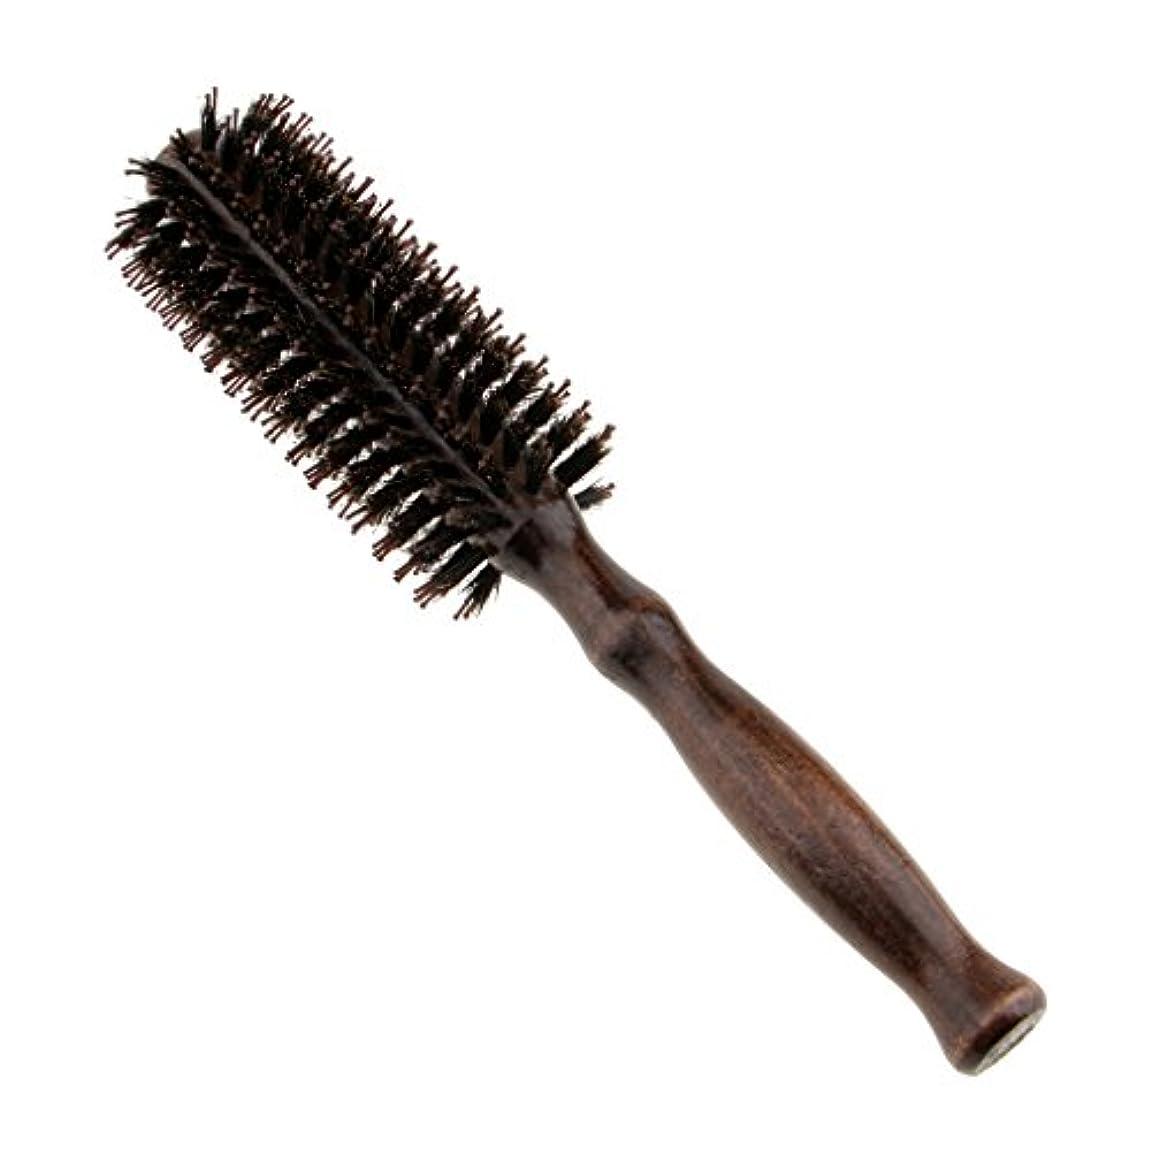 敷居祭司アルコーブラウンドウッドのハンドルヘアブラシの理髪美容カールヘアブラシのブラシ - #1